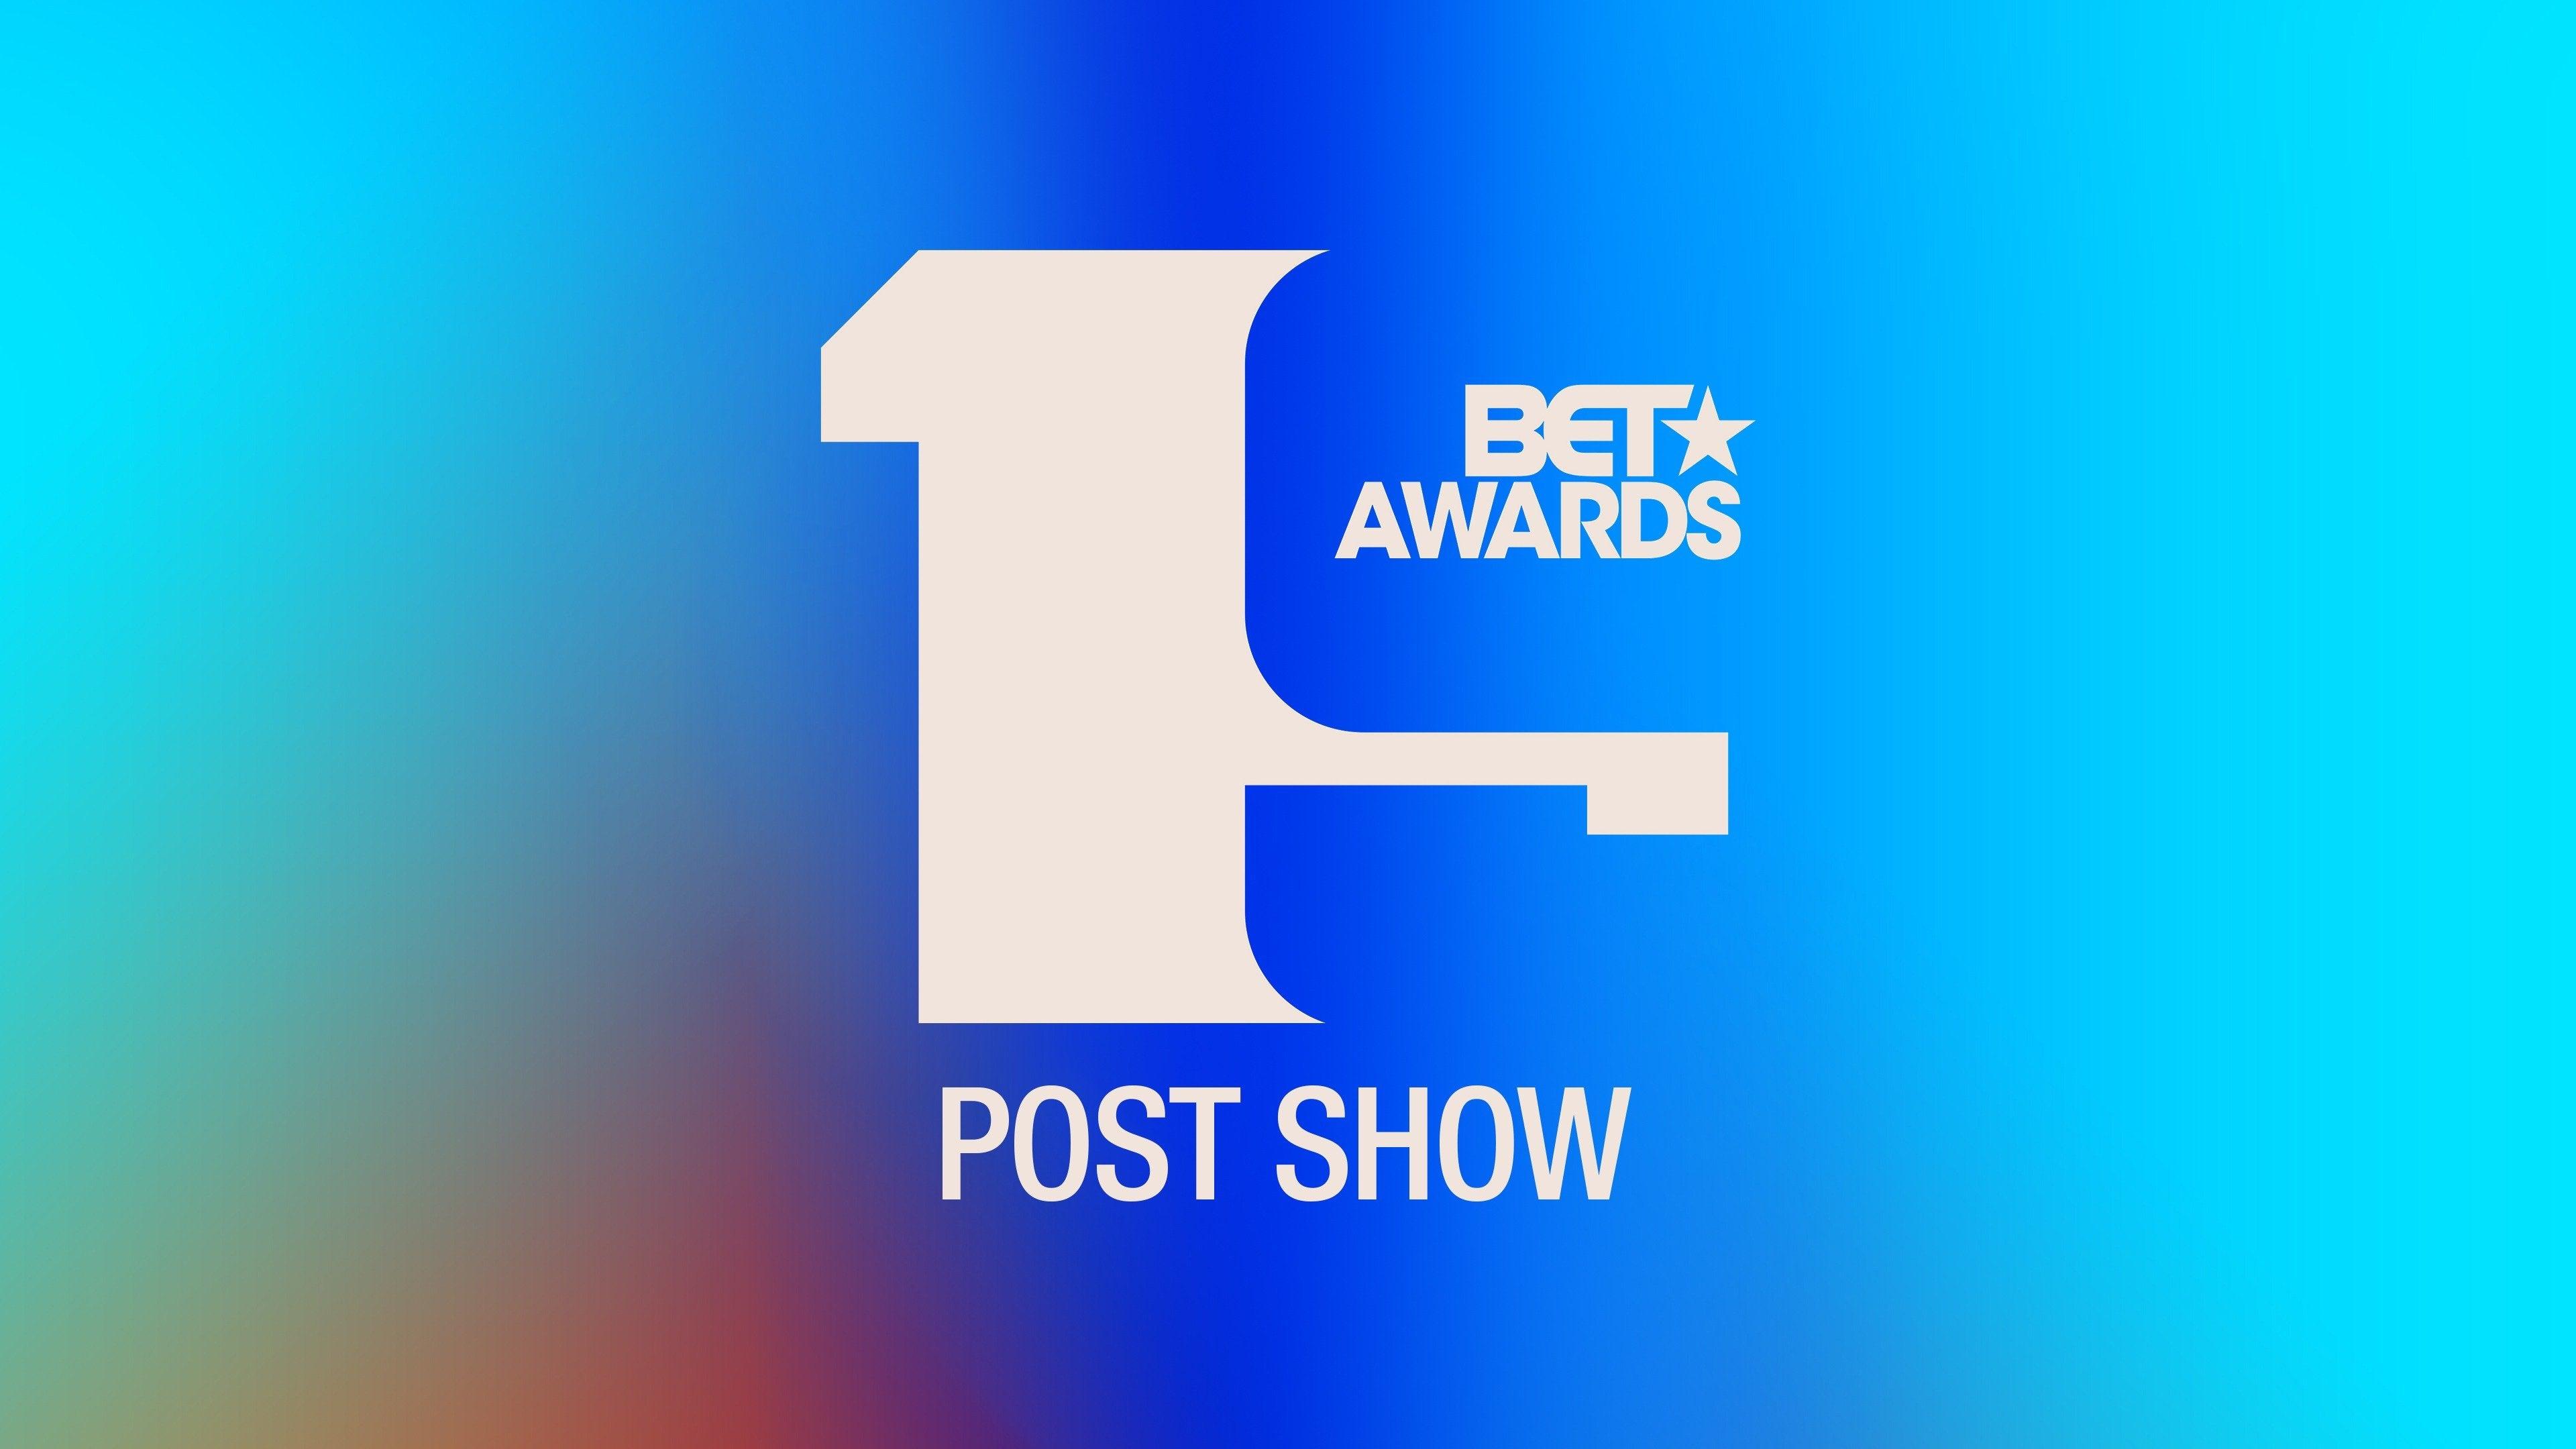 2019 BET Awards Post Show